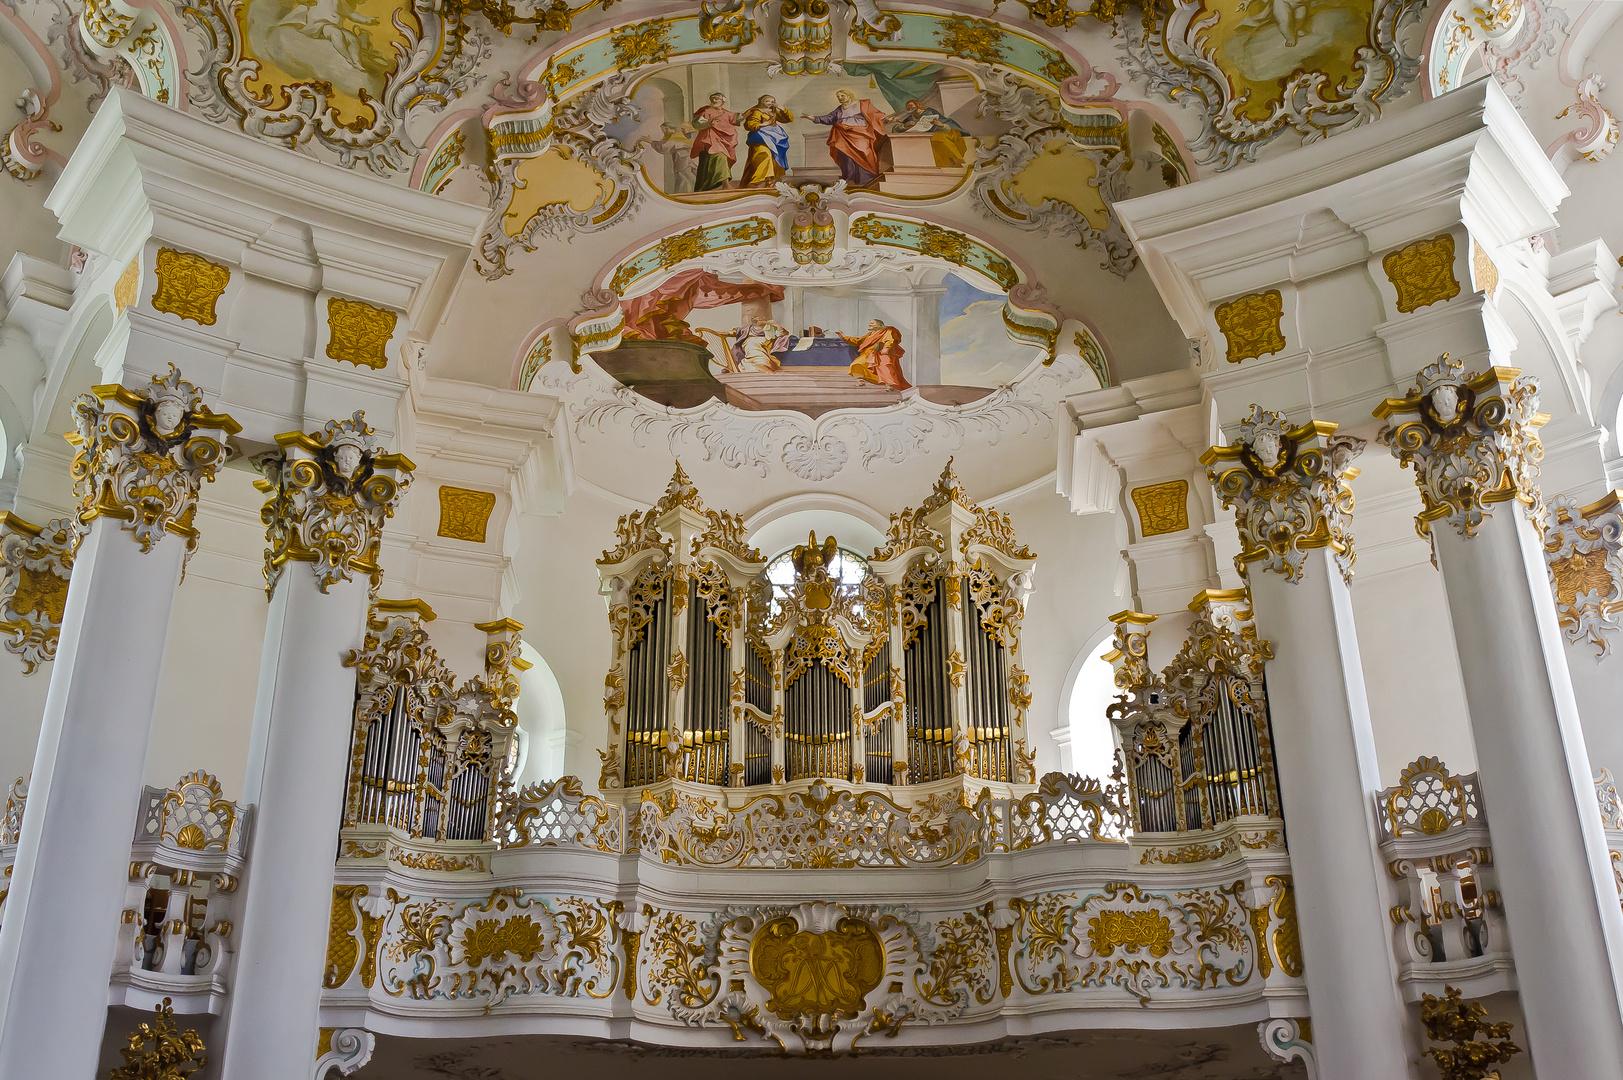 wieskirche-orgel-c2686e2b-0ea8-4ed3-932f-b57e9039370a.jpg